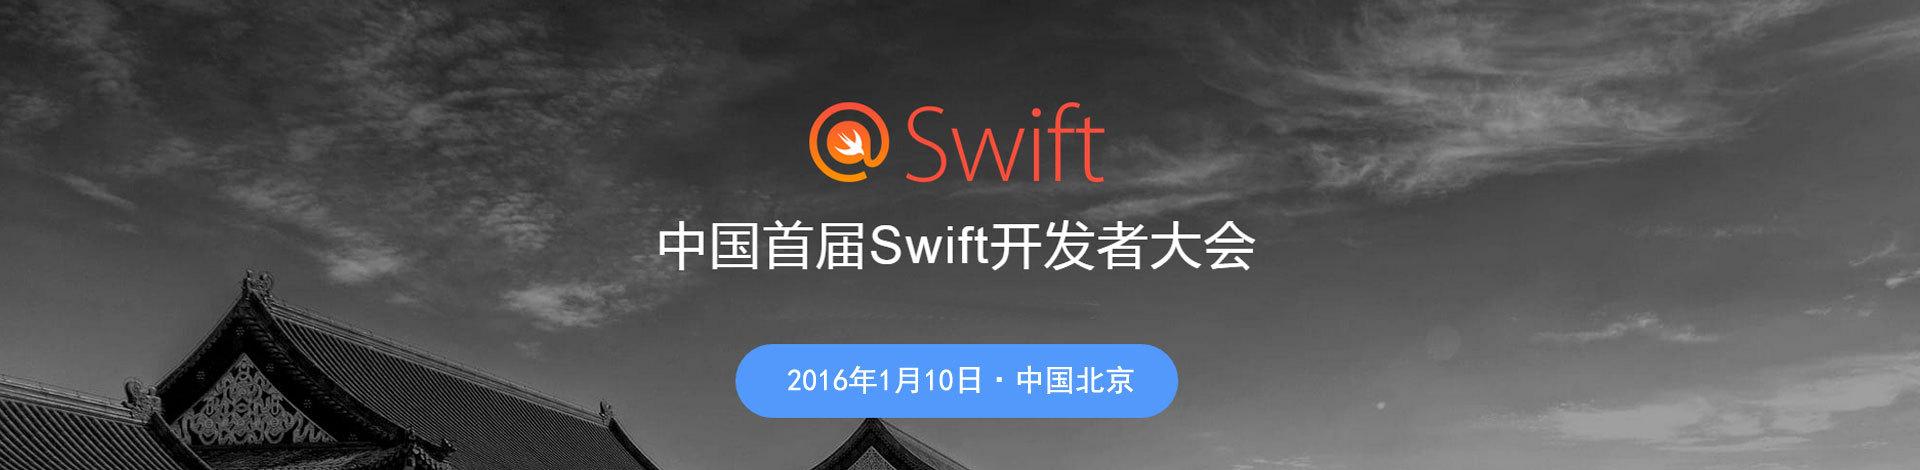 中国首届Swift开发者大会